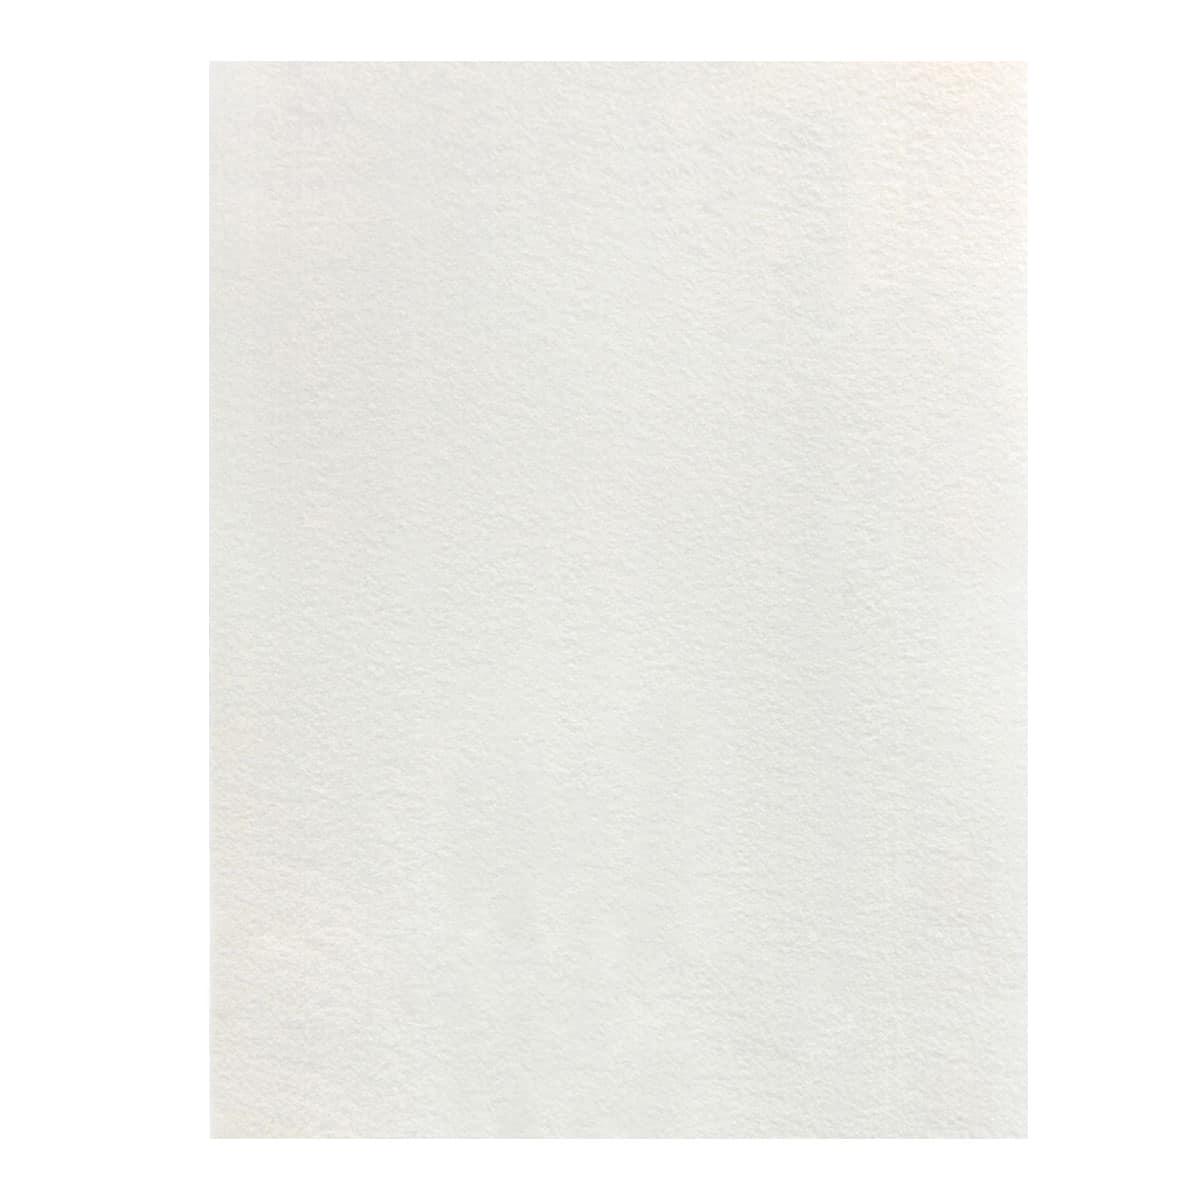 White Felt, Large 12x18 sheet